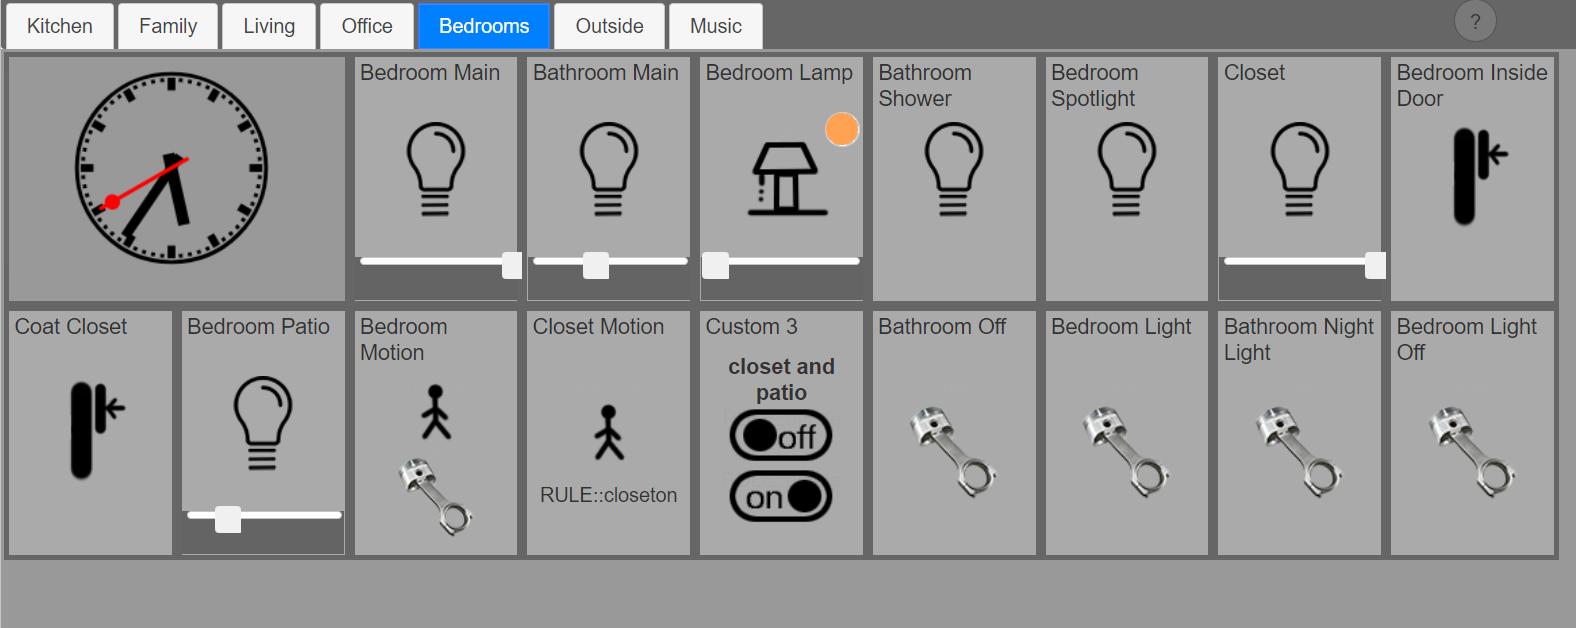 HousePanel Dashboard App for Hubitat - Get Started - Hubitat